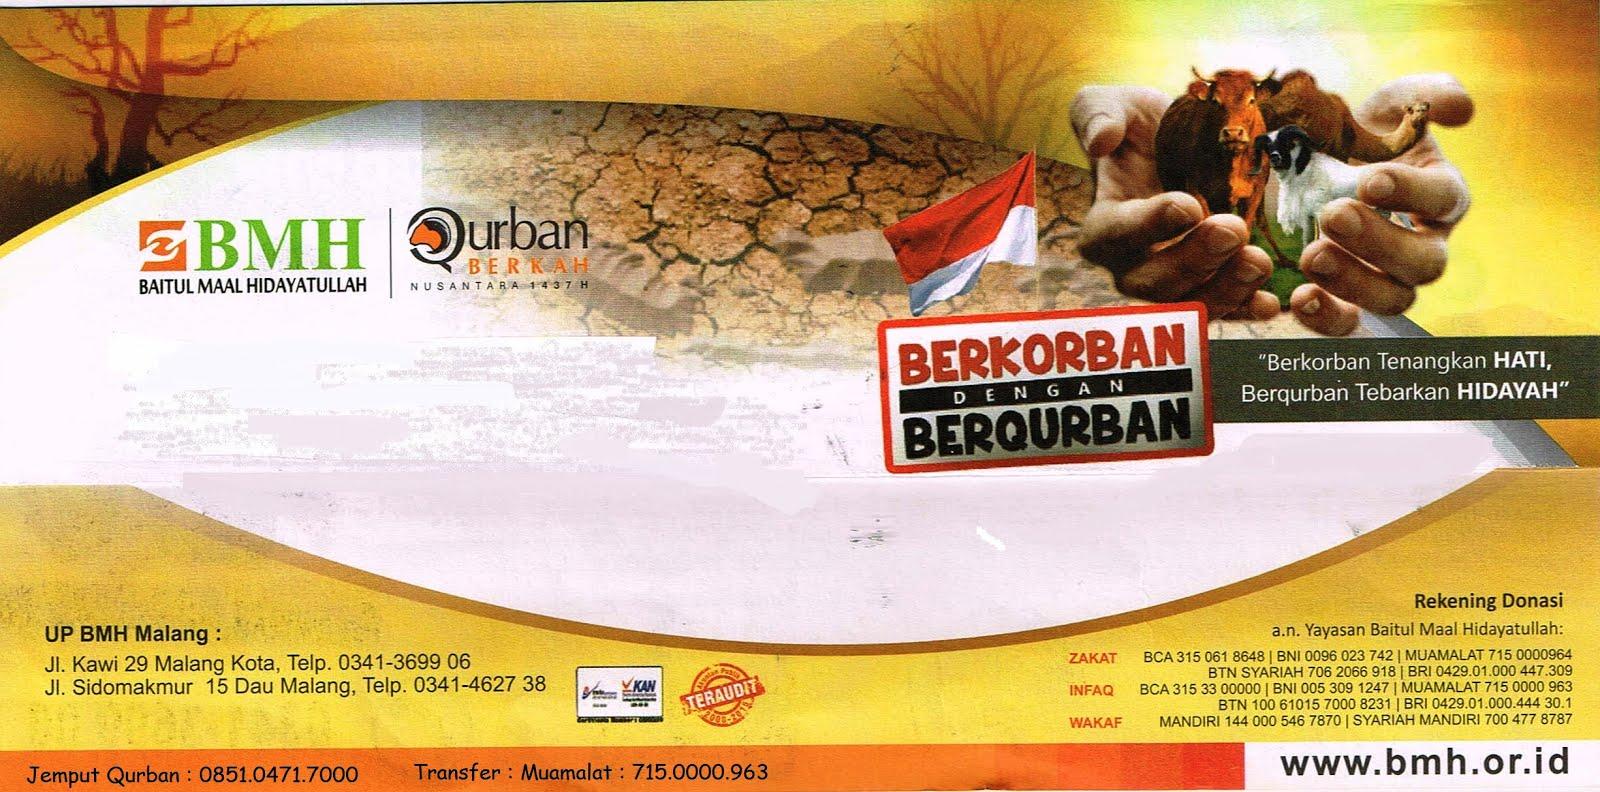 Qurban Berkah Nusantara | Menyediakan Program Qurban Mudah Murah